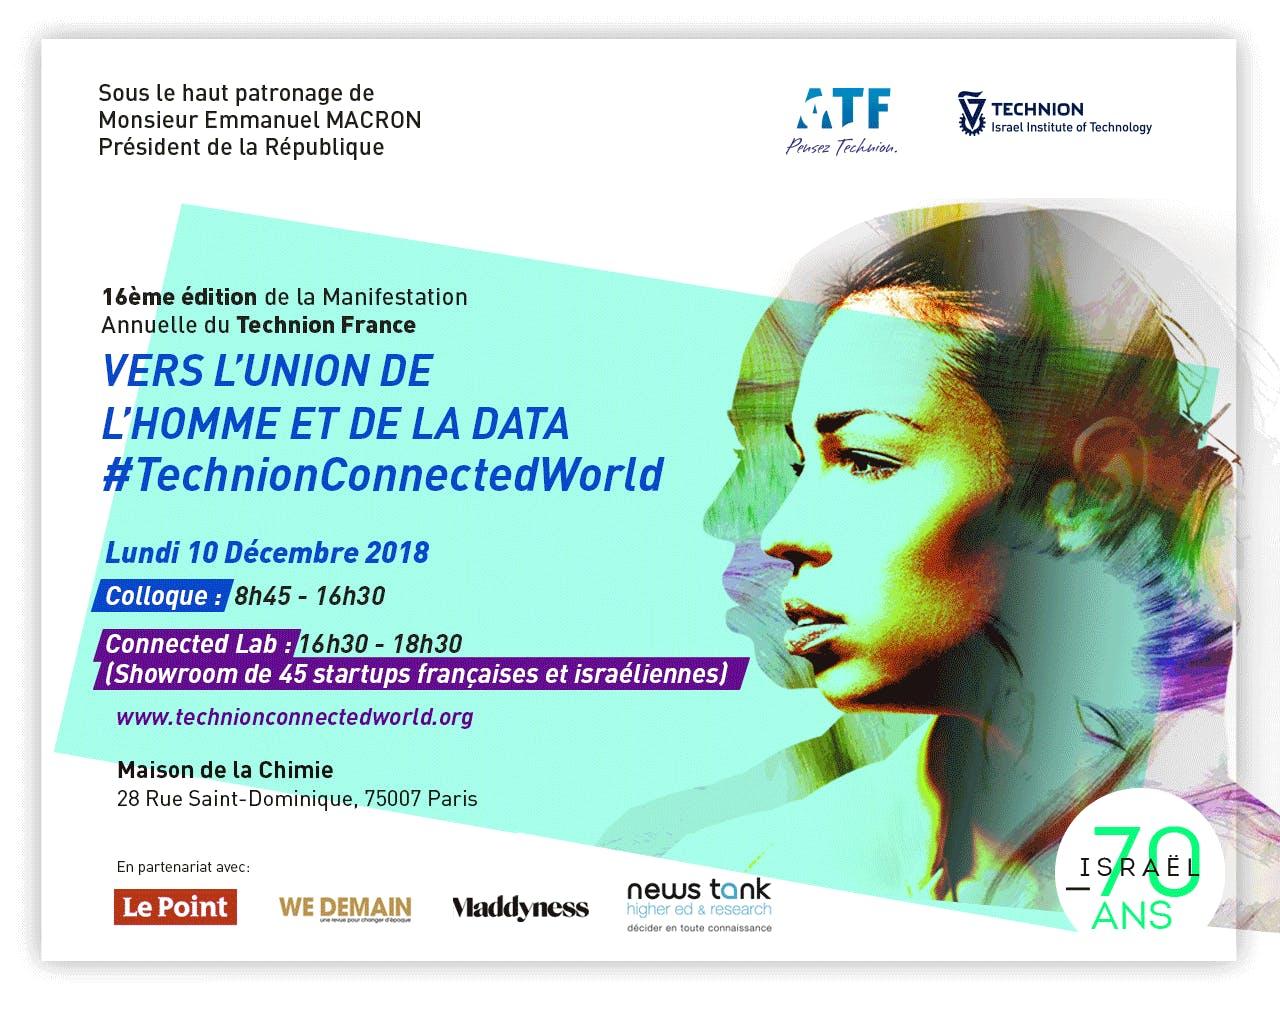 #TechnionConnectedWorld, Vers l'Union de l'Ho